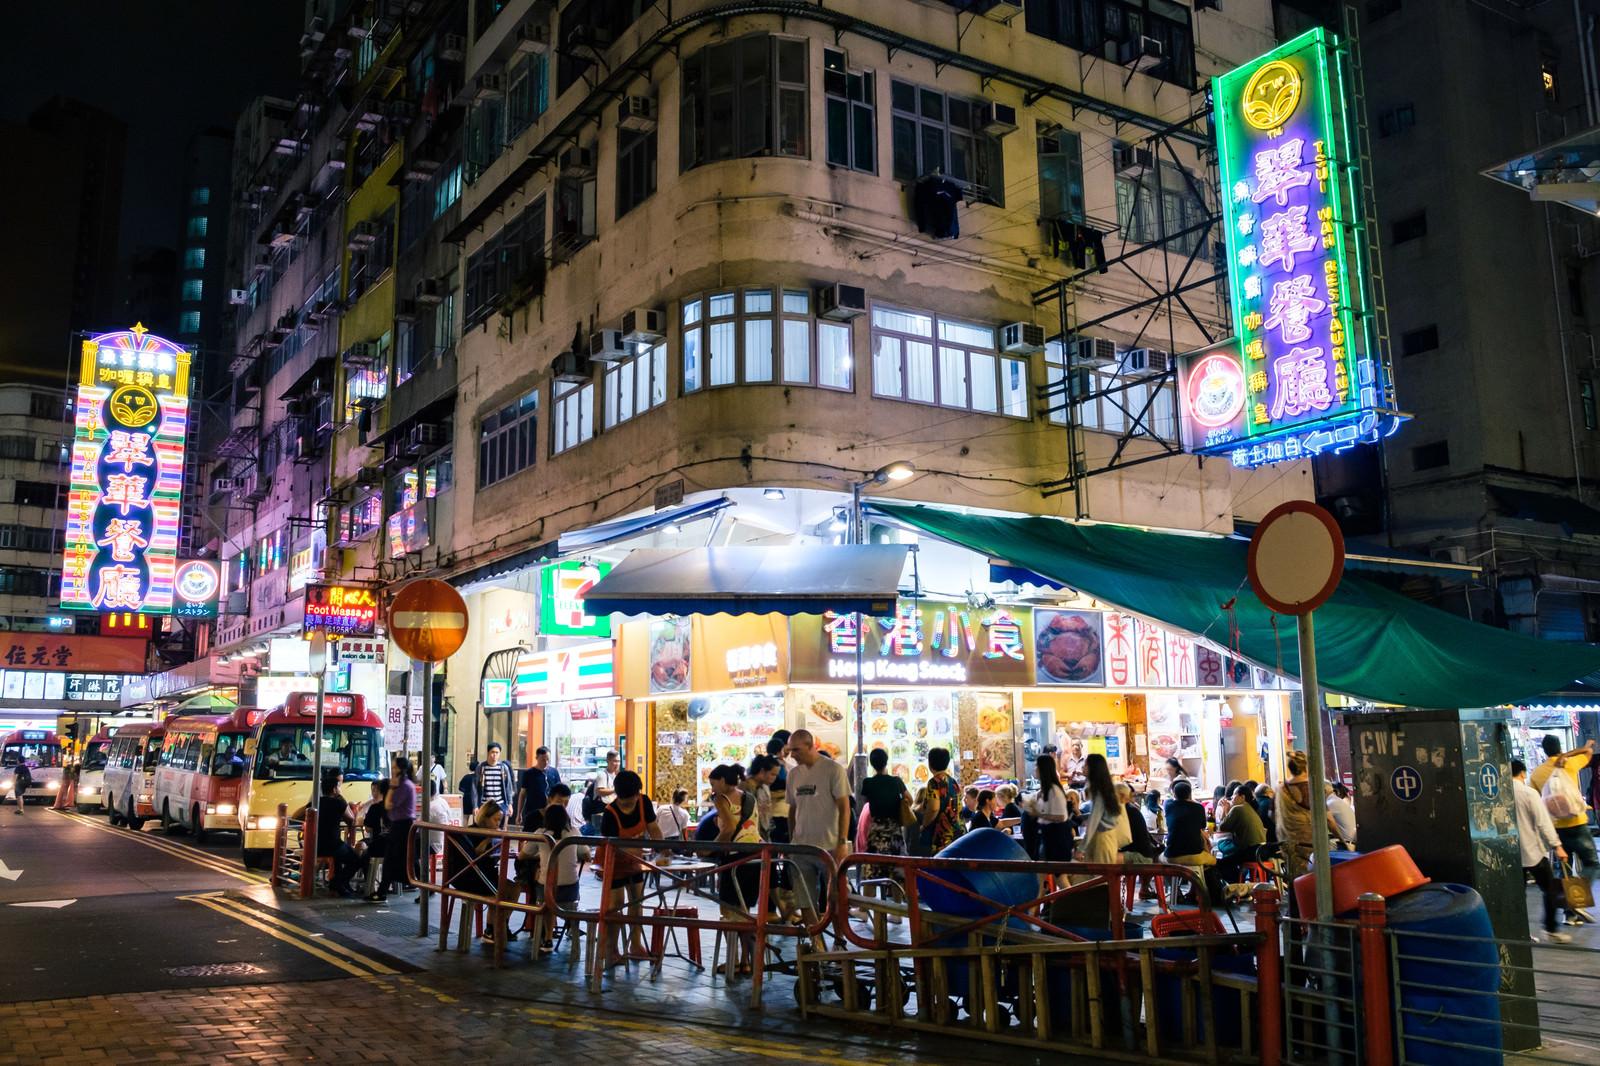 「人で溢れる夜の繁華街(香港)」の写真